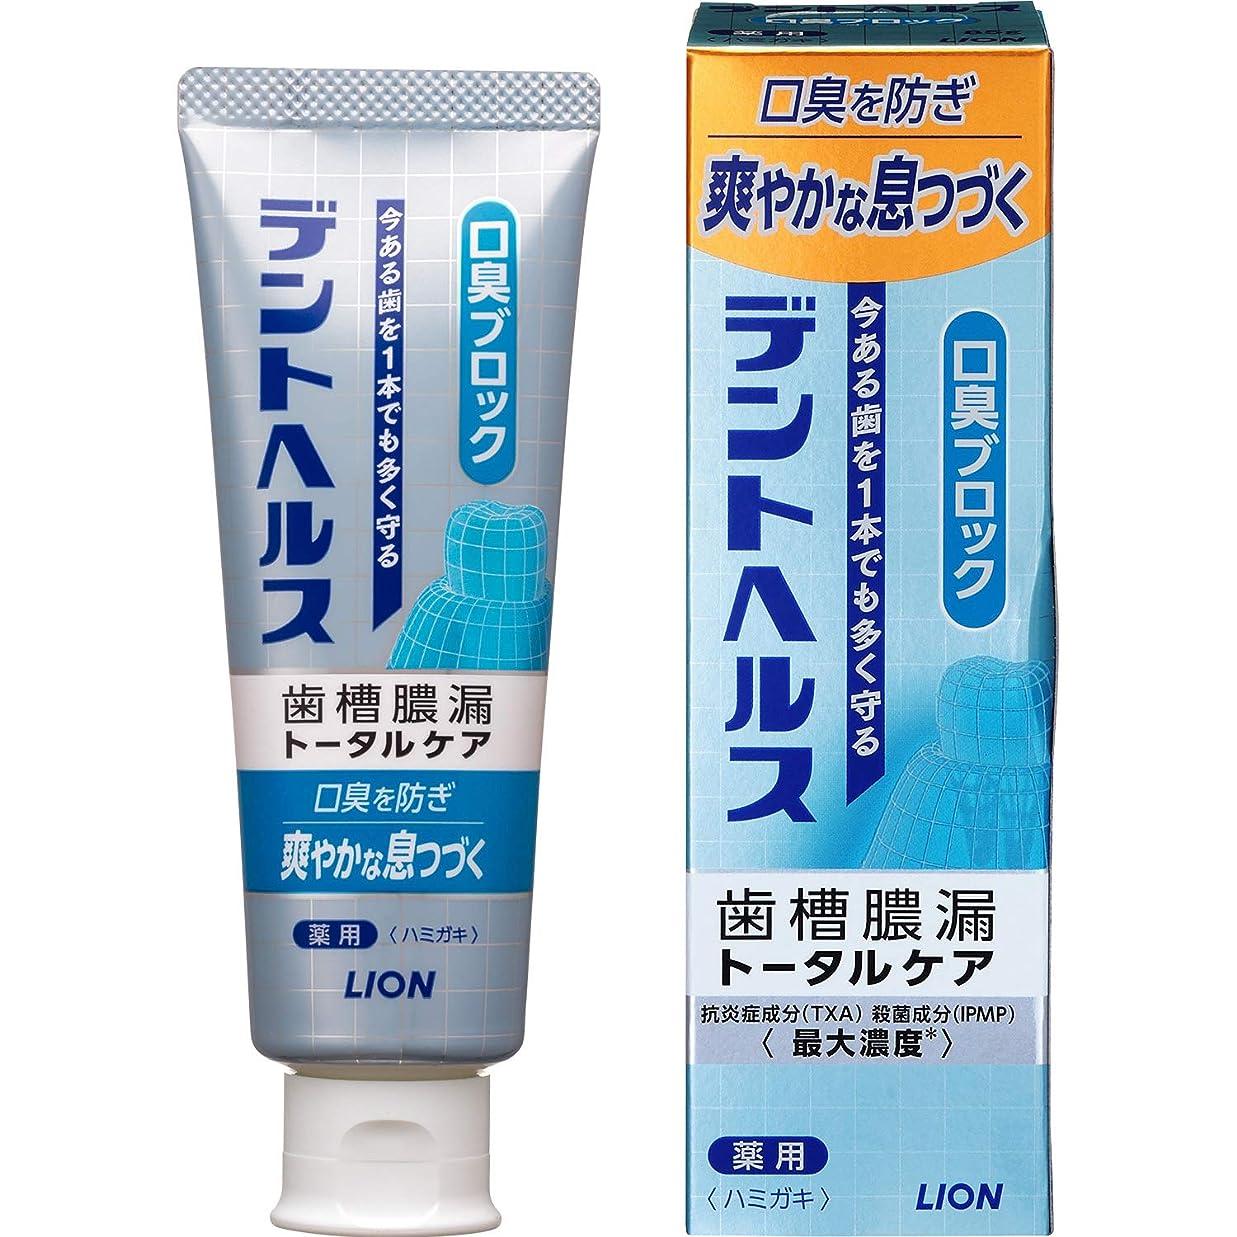 揃える忠実な不利歯槽膿漏予防に デントヘルス 薬用ハミガキ 口臭ブロック 85g